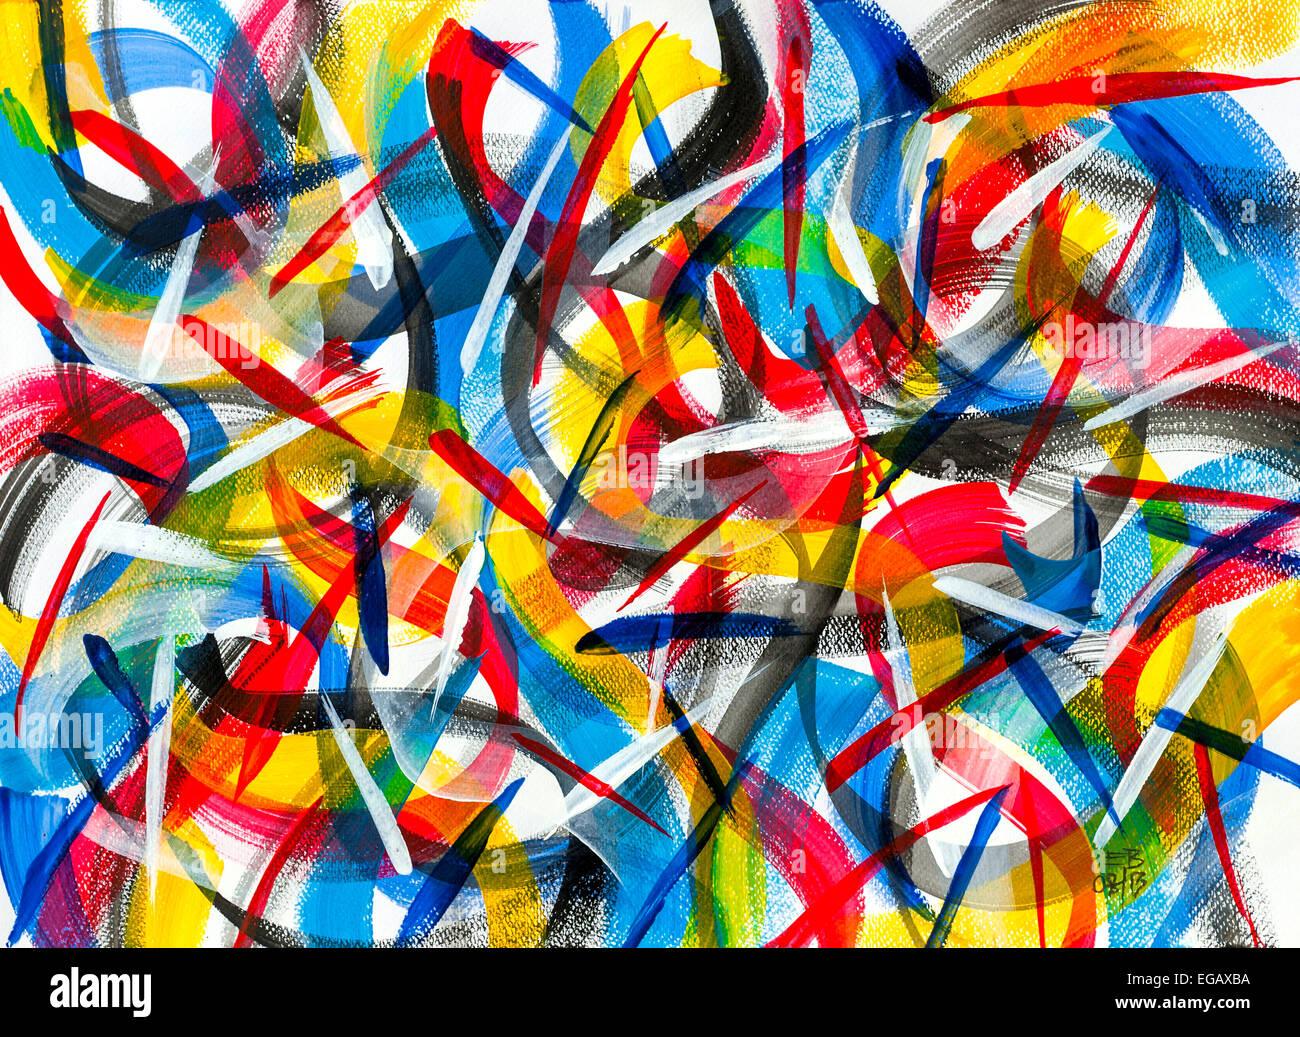 Acrylmalerei acrylic painting Abstrakt 10 / 14 | video ...